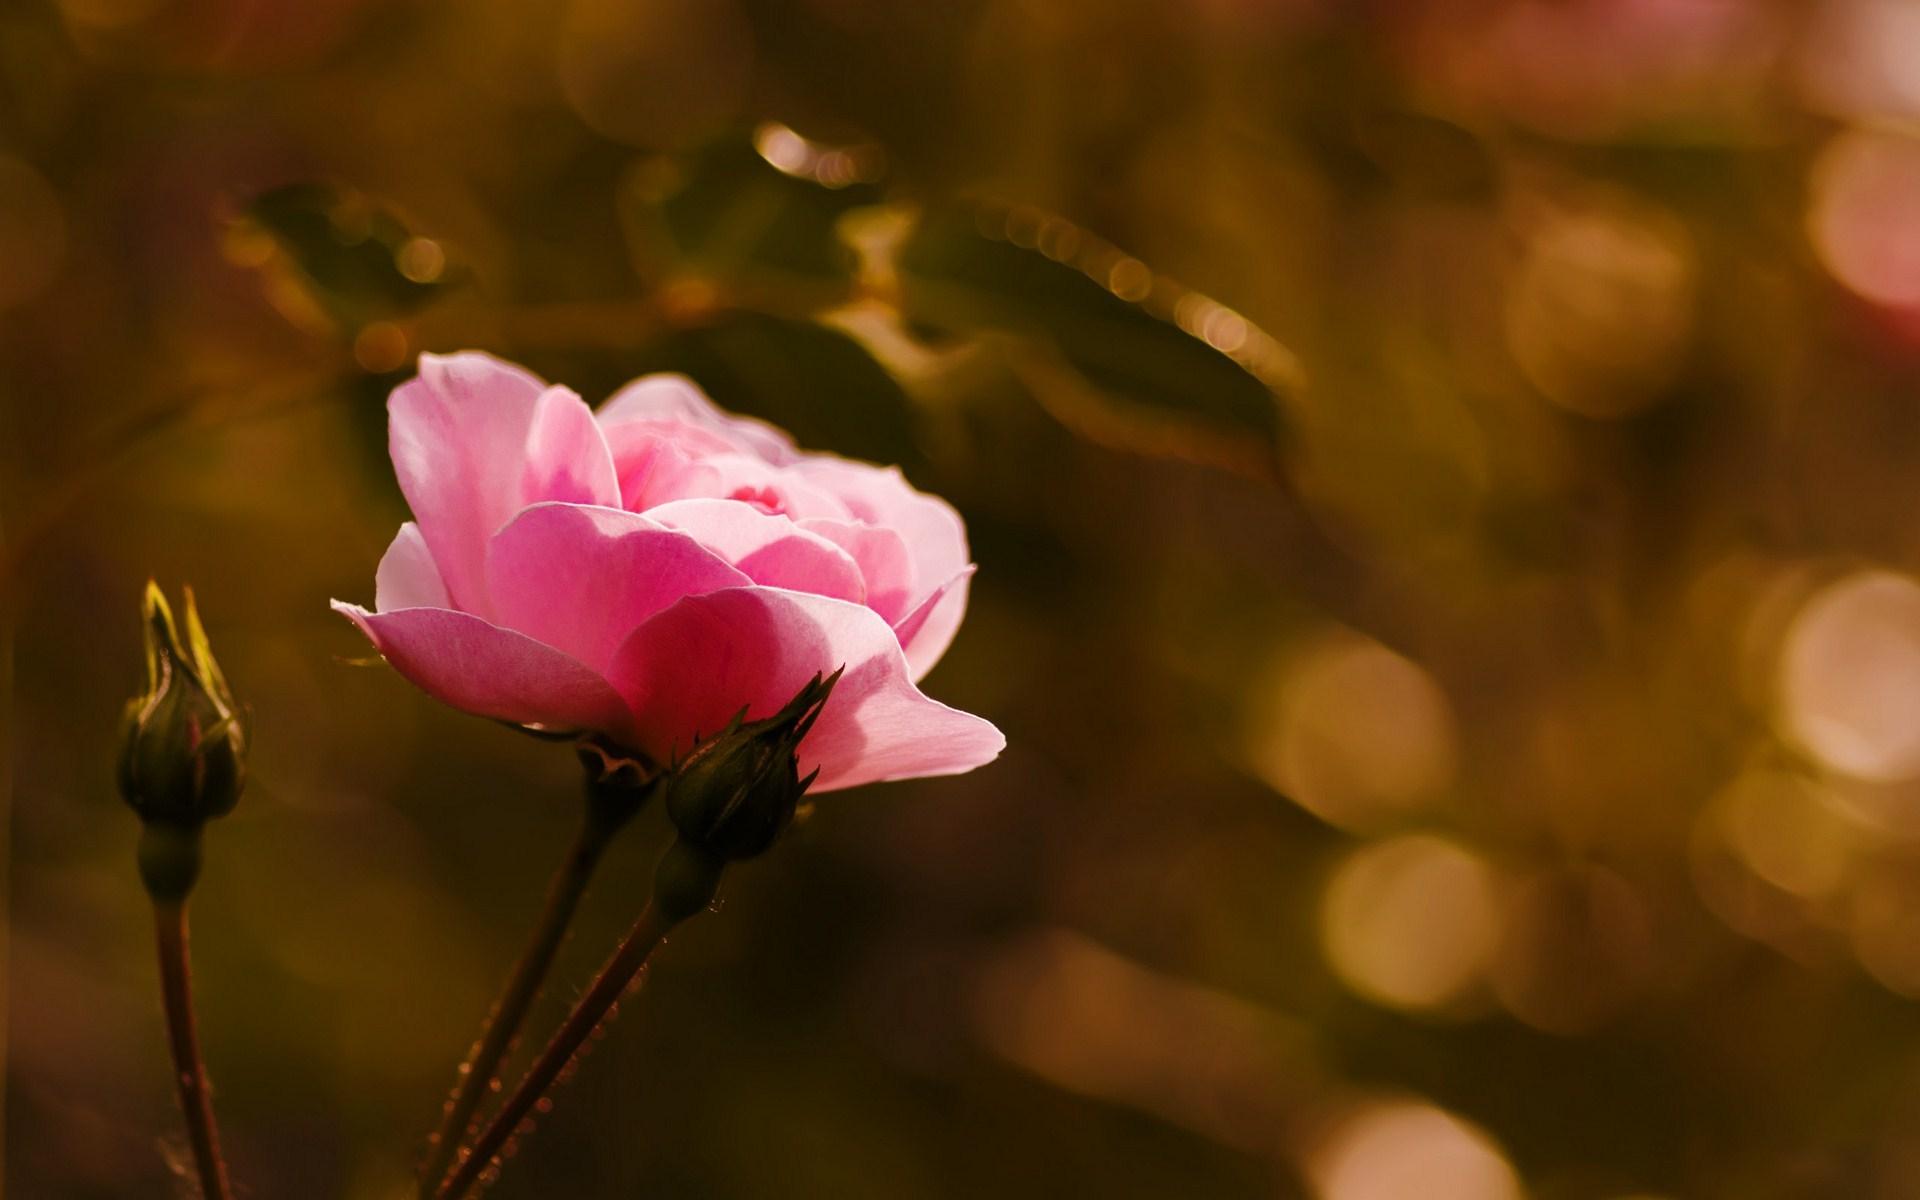 عکس های جدید و فوق زیبا از گل ها